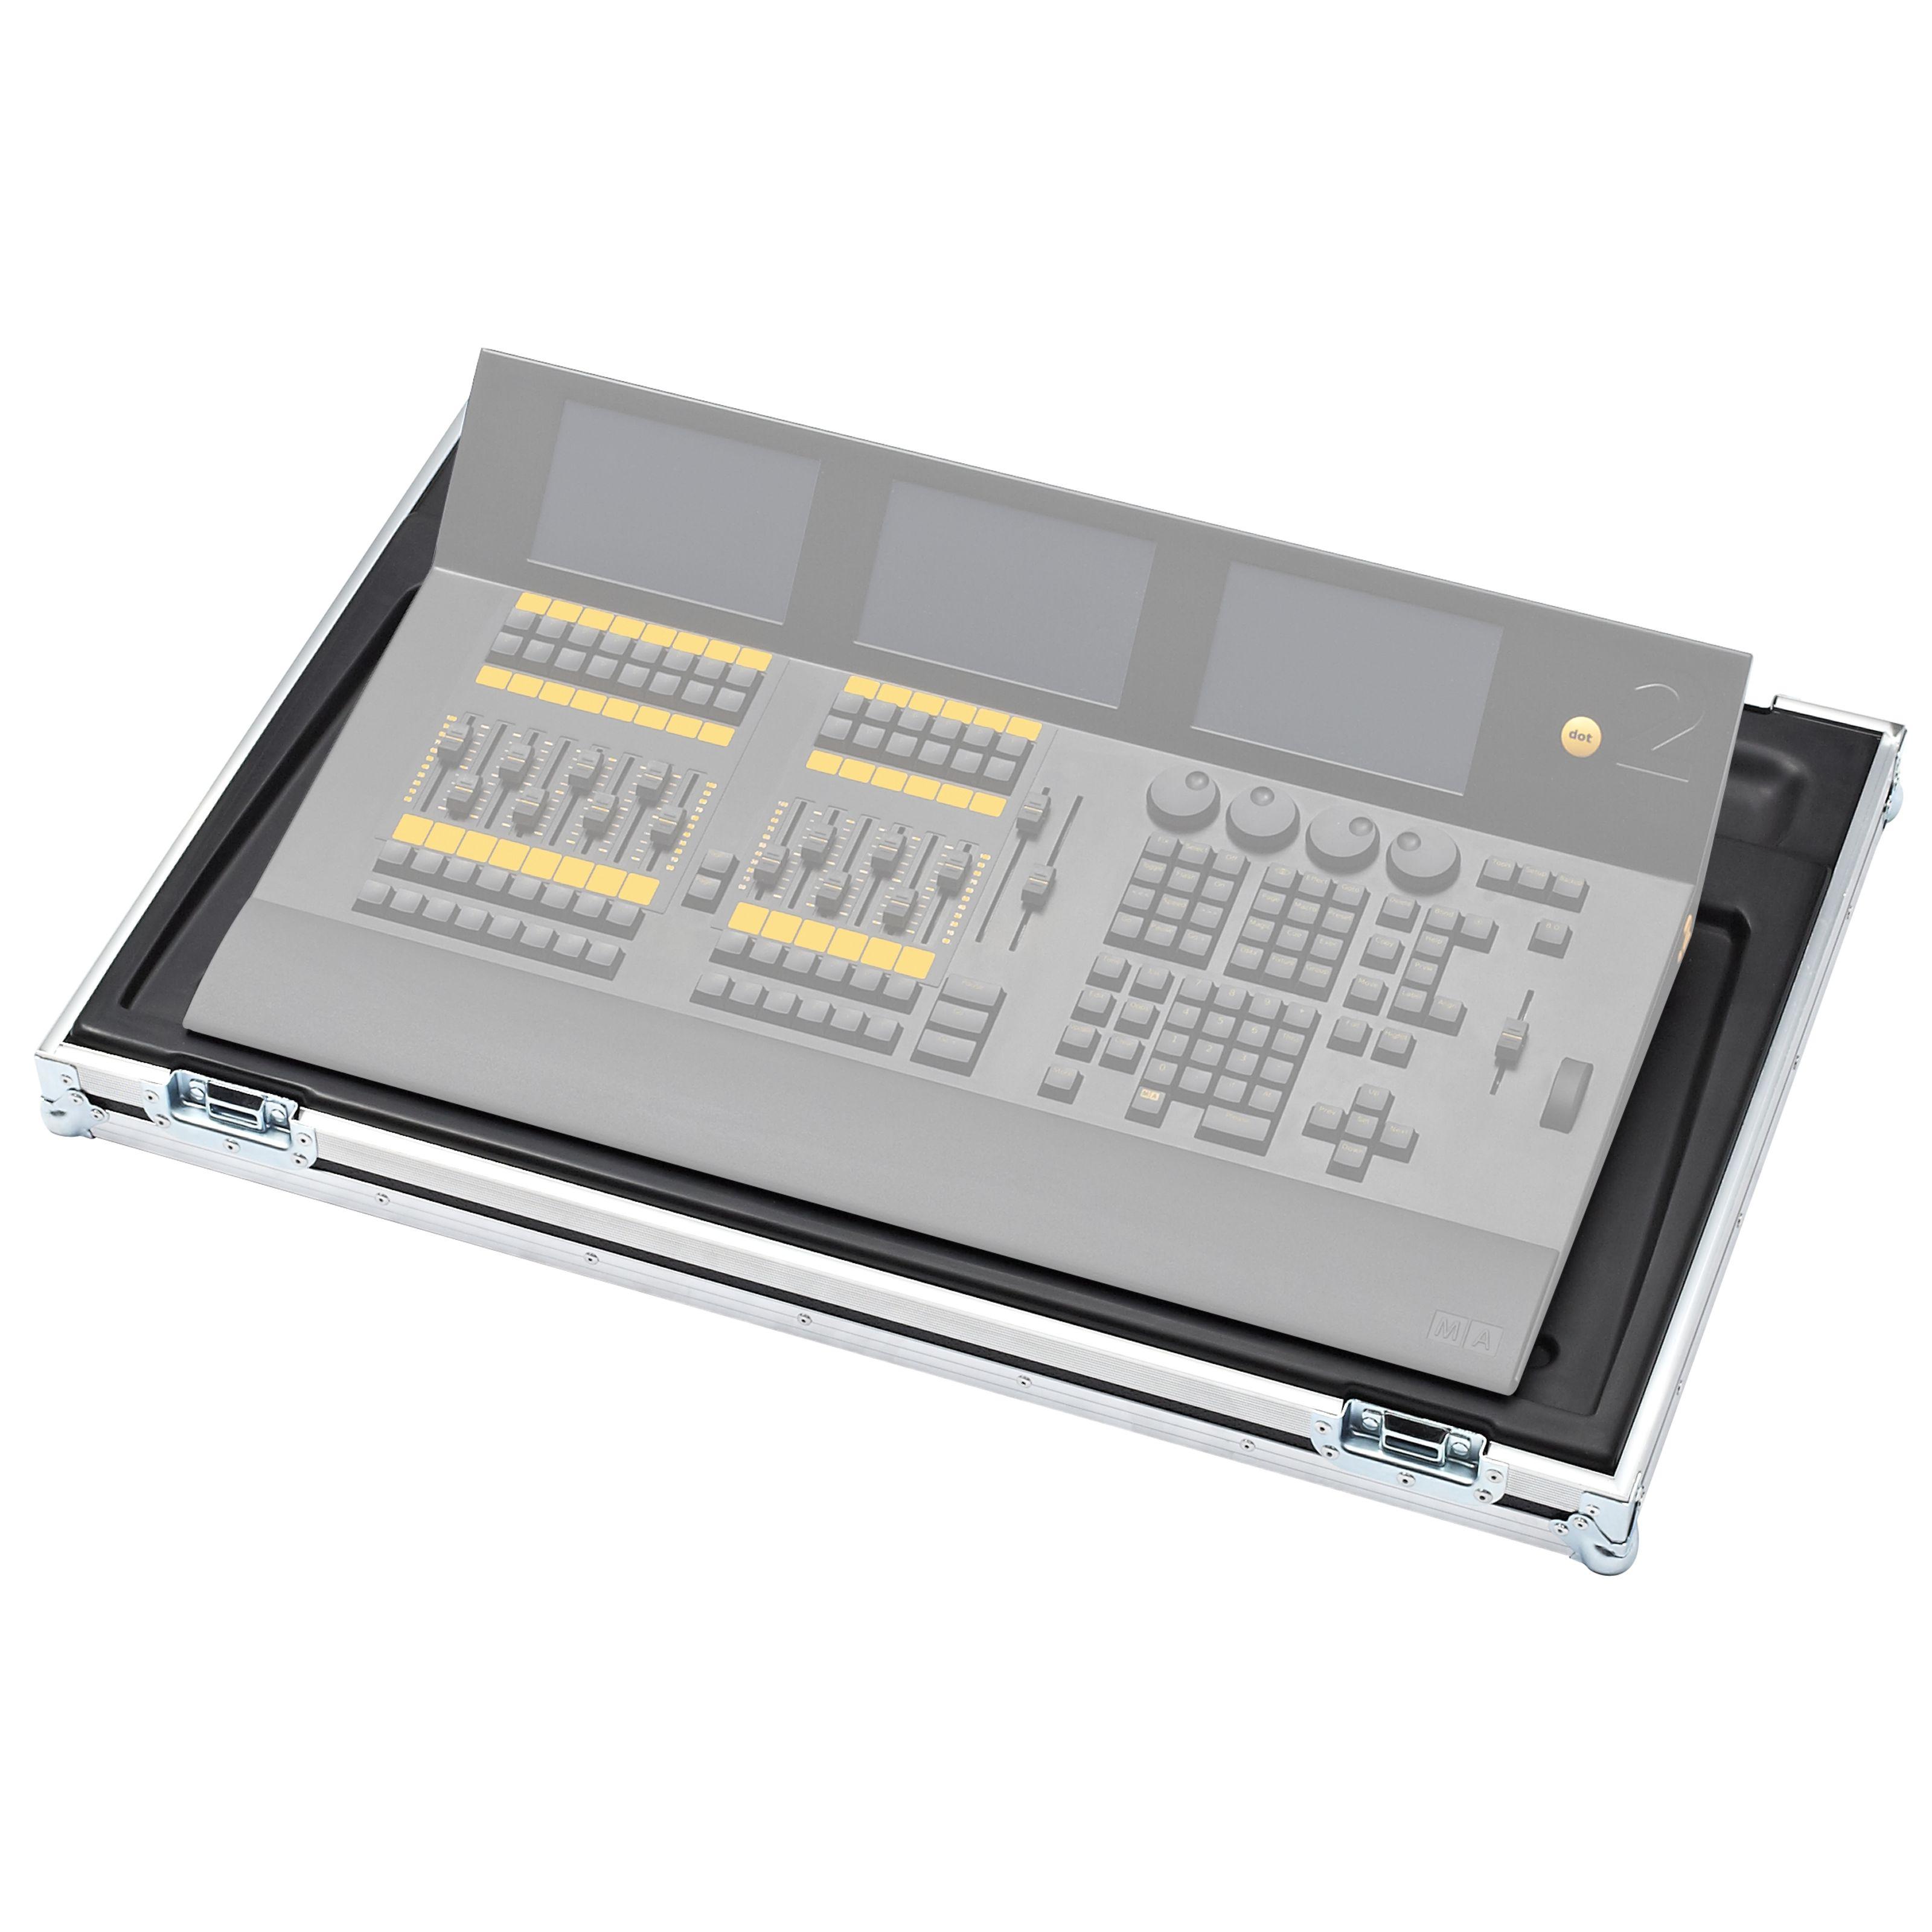 Amptown Cases - Case für MA dot2 XL 4000017